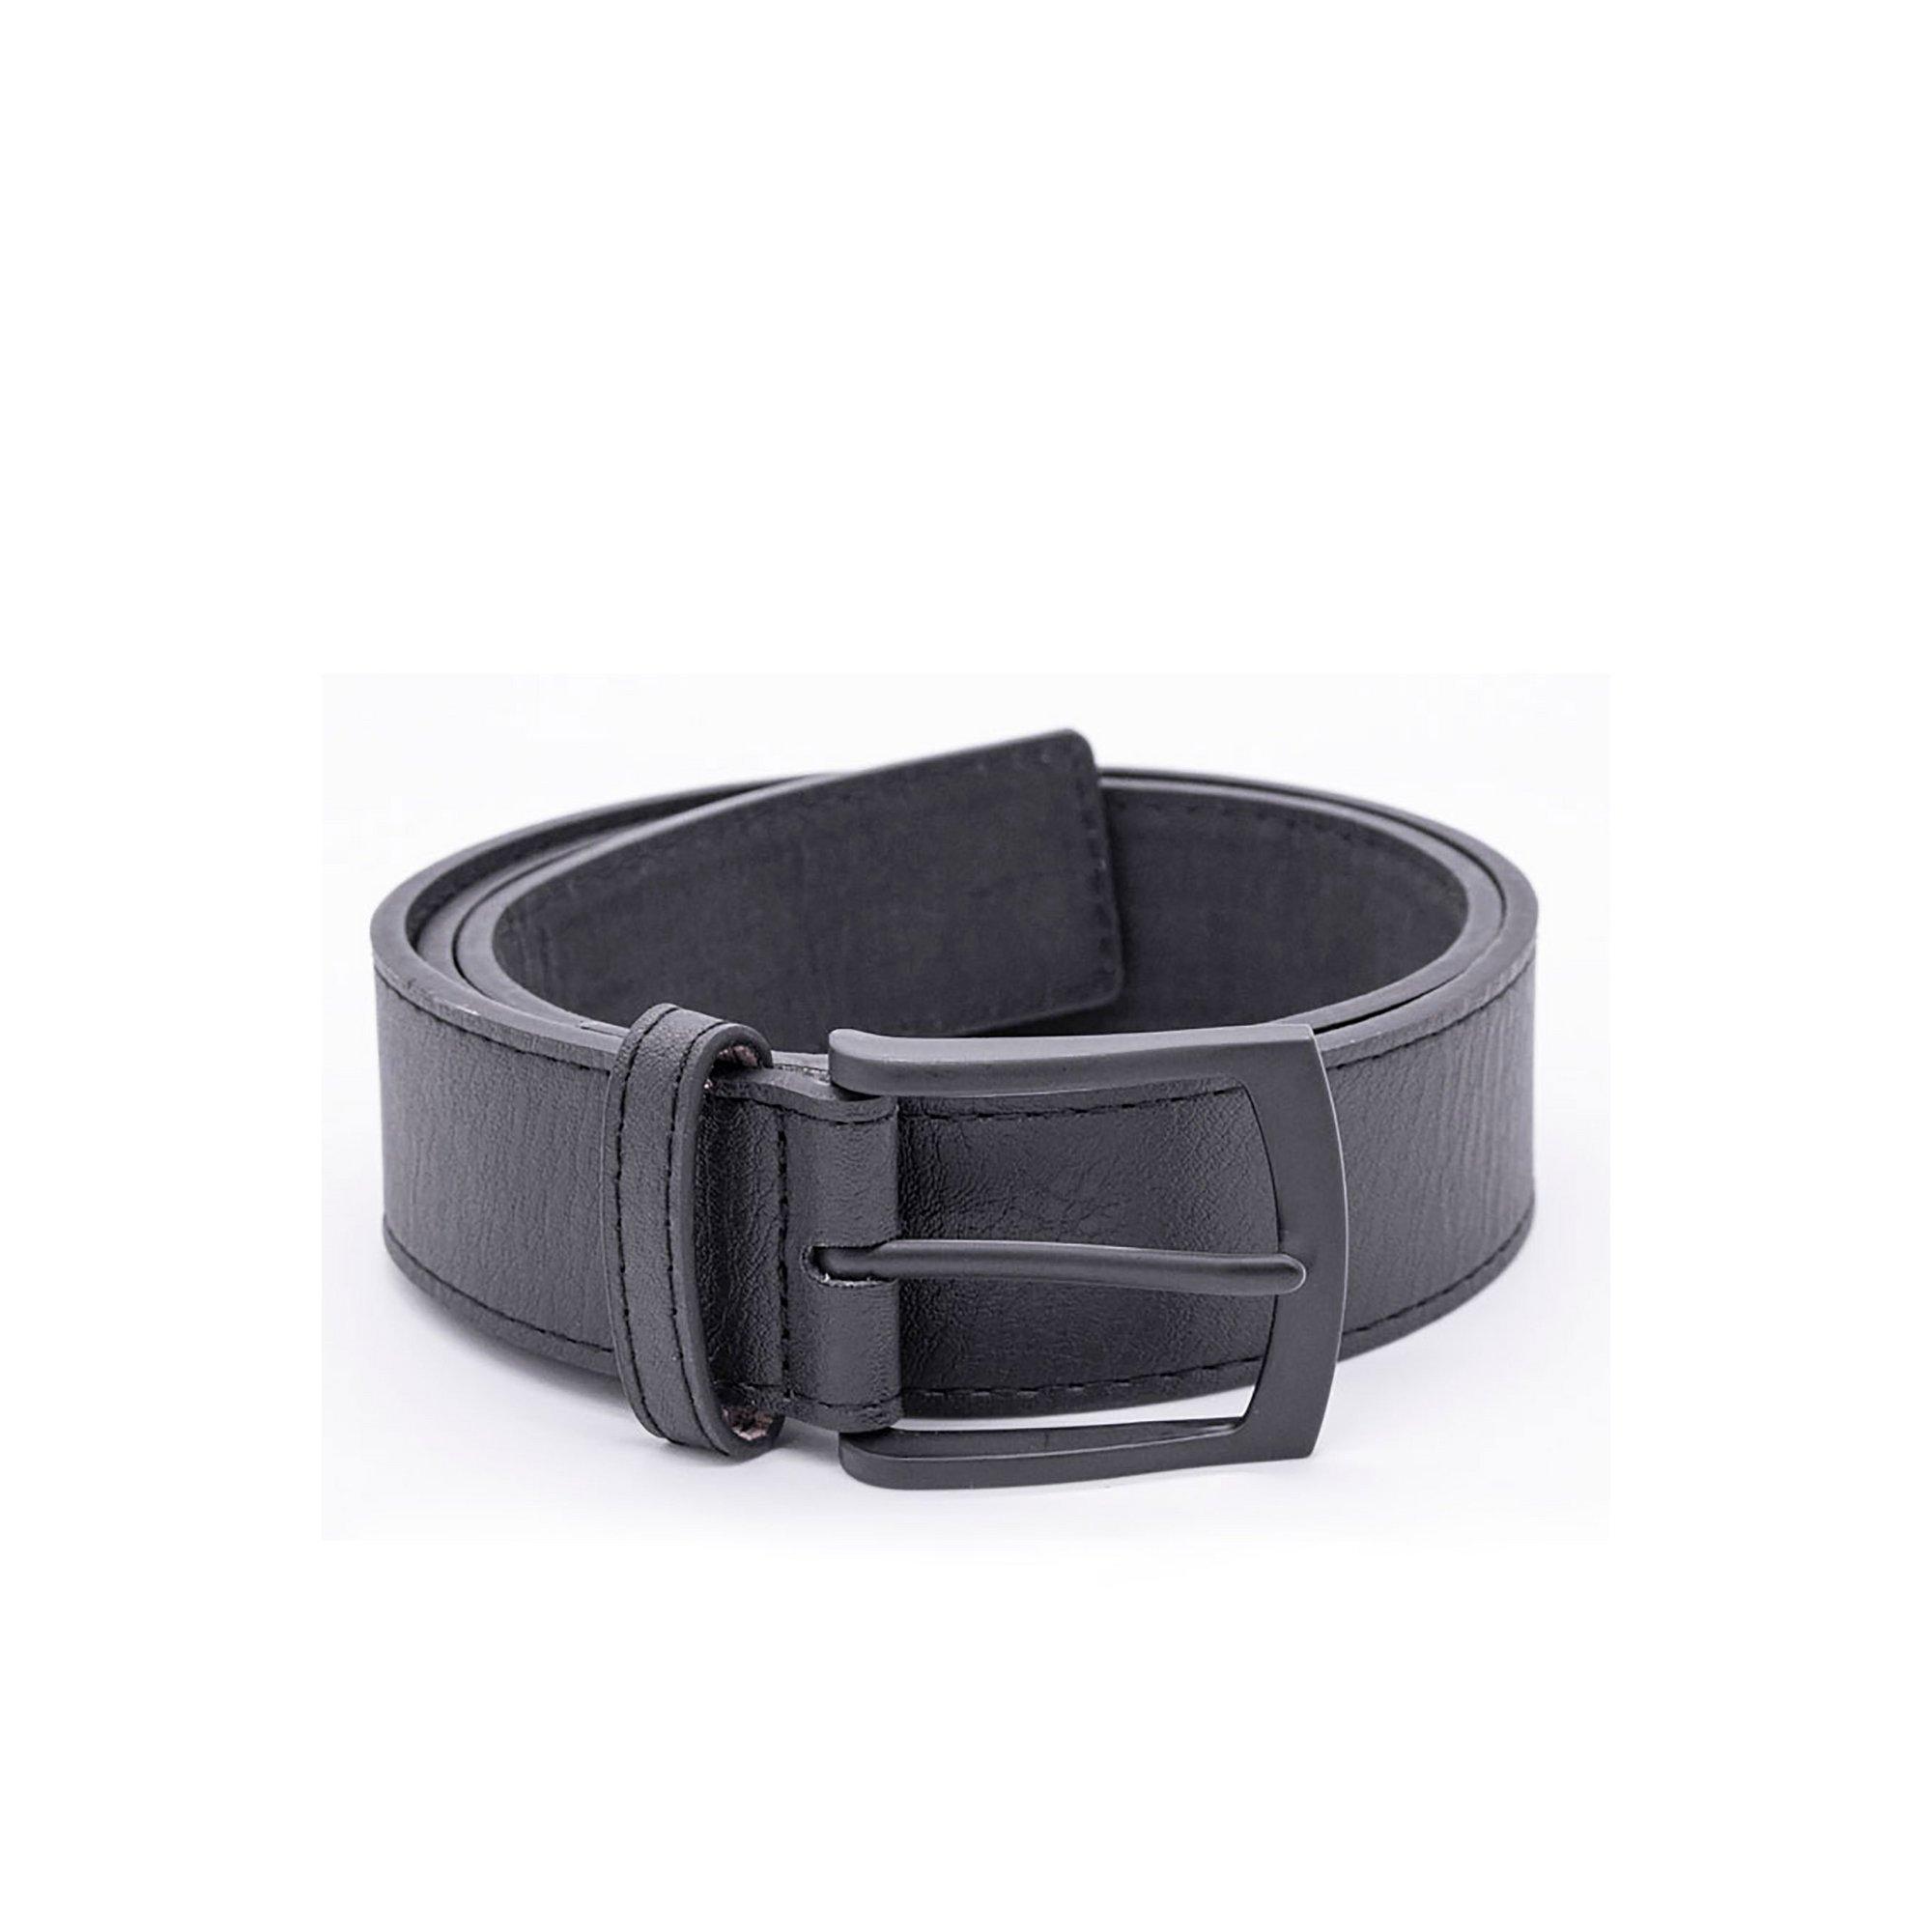 Image of Duke Buckled Belt